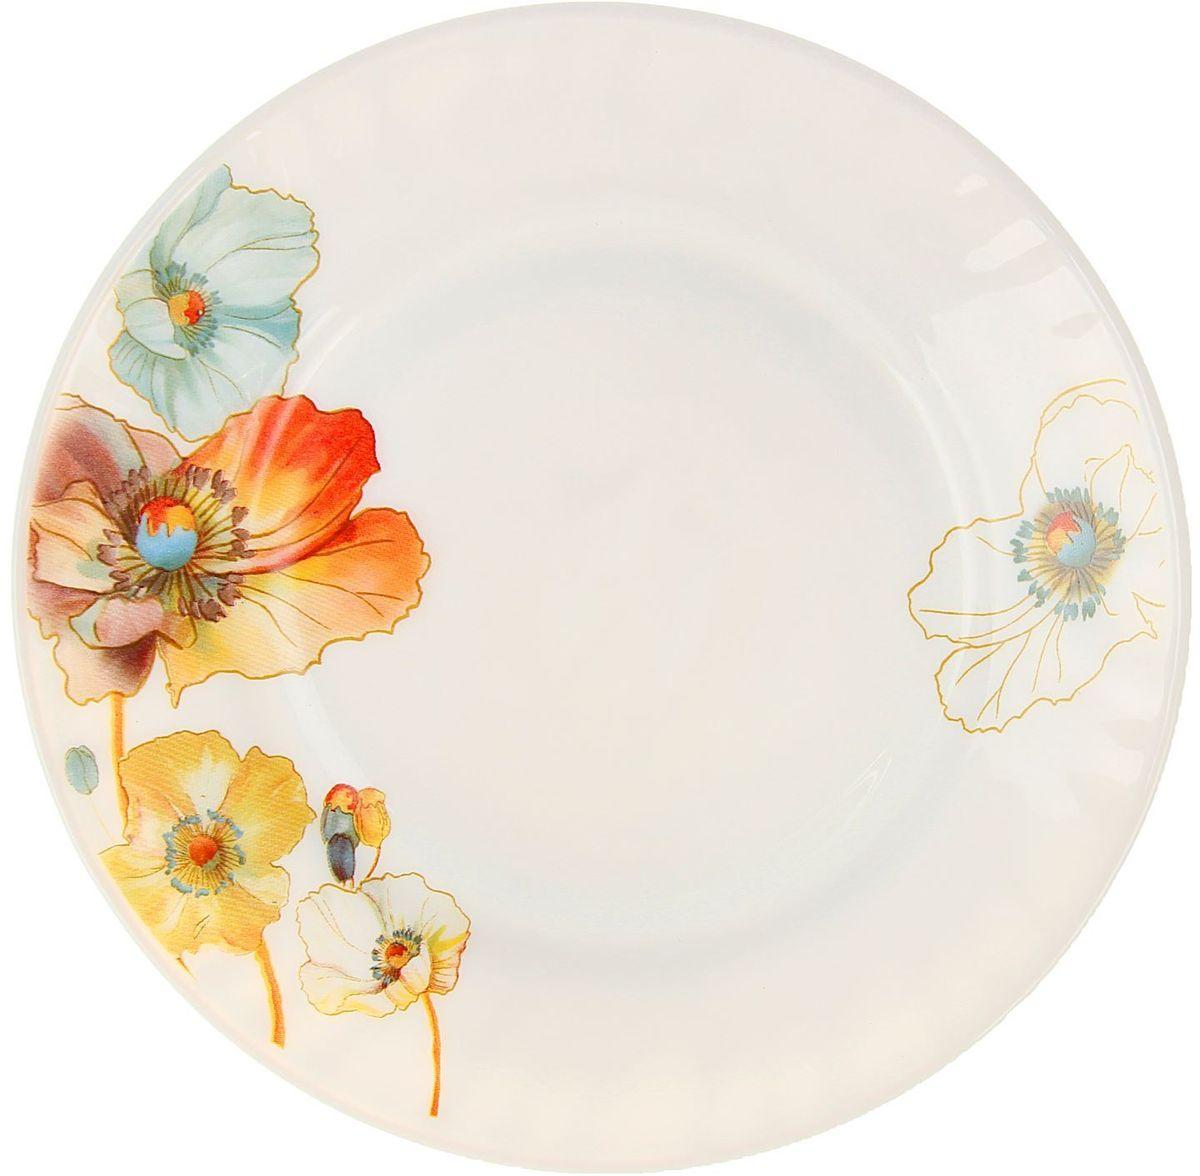 Тарелка – важнейший предмет любого застолья.  Будучи во главе стола, она привлекает к себе основное внимание. А это значит – рисунок, цвет и материал играют немаловажную роль.Почему во всем мире так ценится посуда из стеклокермики? Универсальна. Ее можно использовать и для приготовления пищи, и для безопасного хранения любых готовых блюд. В такой посуде можно кипятить, варить, жарить парить, тушить и запекать любые продукты.Ударопрочна и травмобезопасна. Термическое стекло – очень прочный материал, который не поддается механическим нагрузкам, не бьется, не колется и не трескается.Термически устойчива (жаропрочна). Посуда не деформируется при нагреве и подходит для СВЧ-печей.Химически инертна. Стеклянные поверхности посуды совершенно нечувствительны к воздействию моющих и чистящих средств.Экологически и гигиенически безопасна. Стеклокерамика – исключительно «чистый» материал, не выделяющий вредных летучих соединений даже при сильном нагреве, не впитывает запахов и не передает их хранящейся или готовящейся пище.Удобна в уходе. Моется обычной теплой водой, не формирует накипь и нагар.Эстетически привлекательна. Прозрачное, матовое и тонированное термическое стекло имеет оригинальный вид, который сохраняется в любых технических условиях на долгие годы.